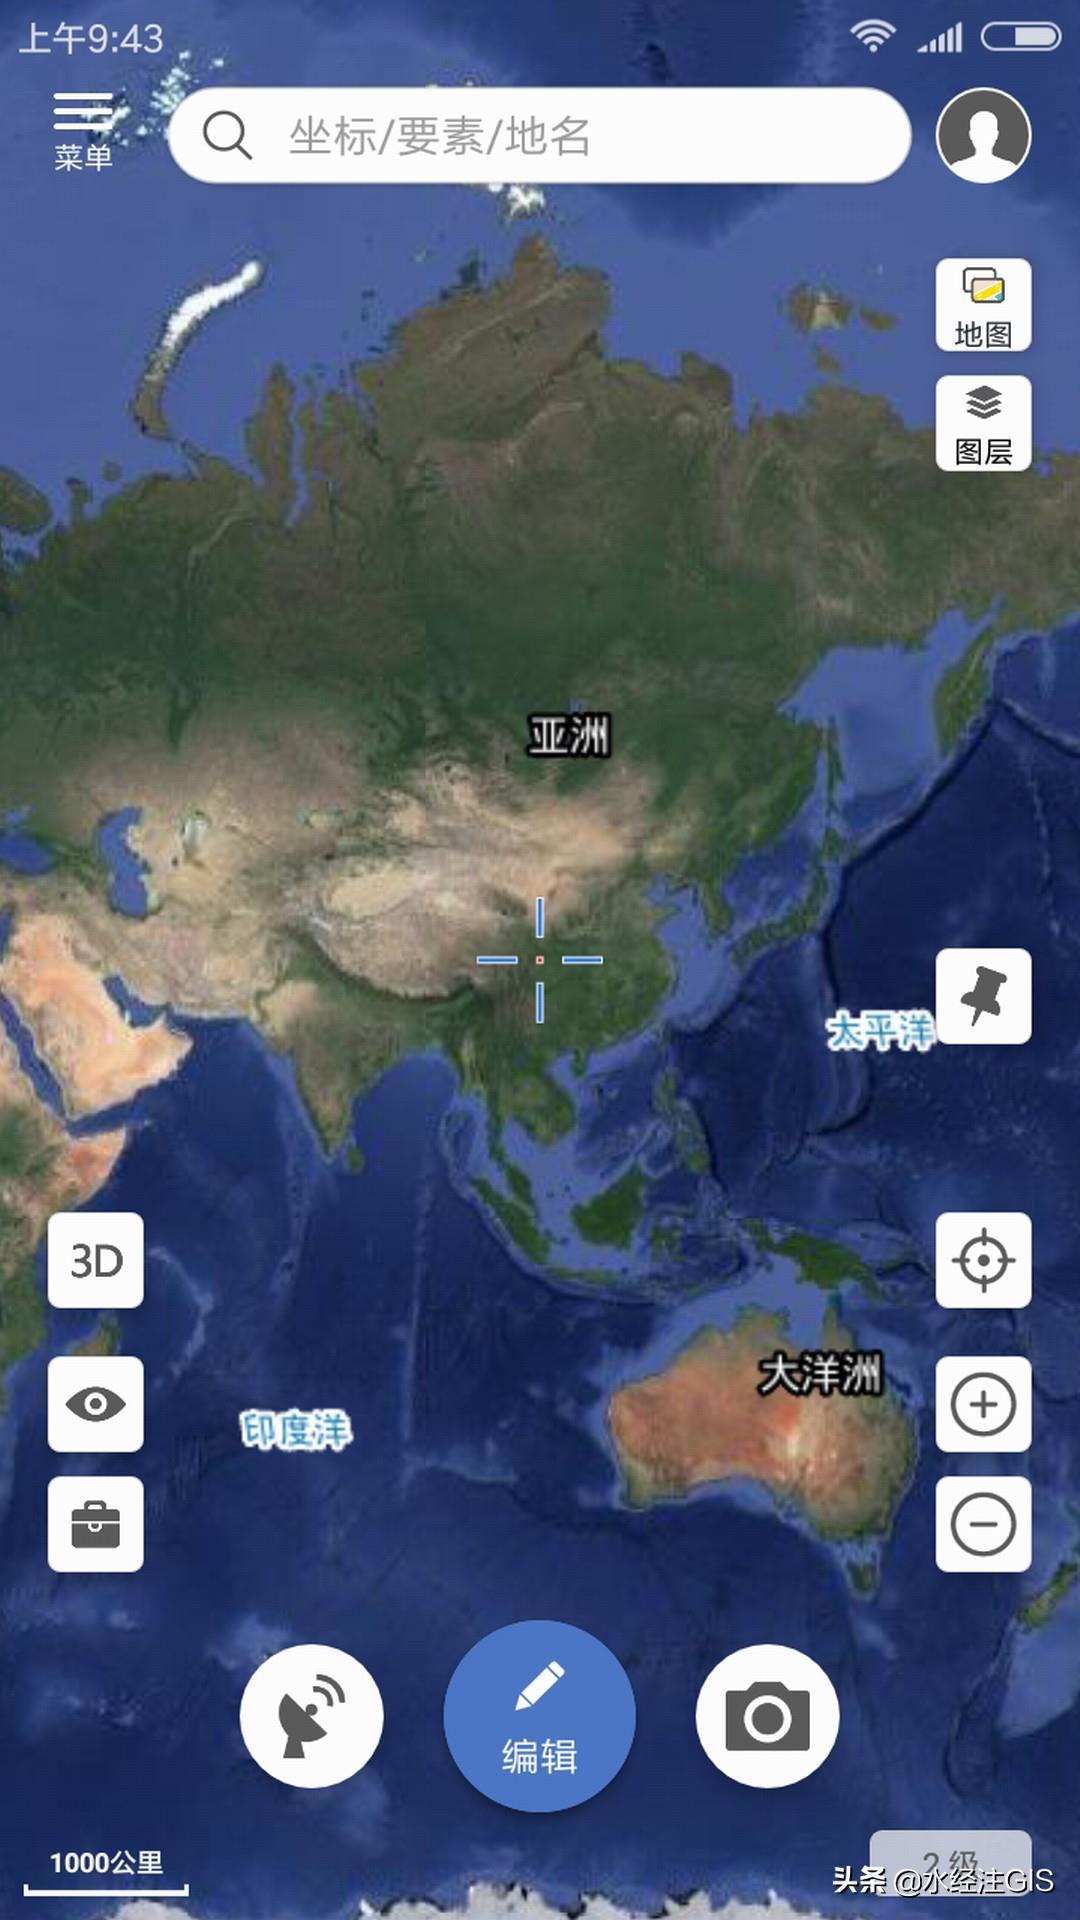 离线导航APP Karta GPS